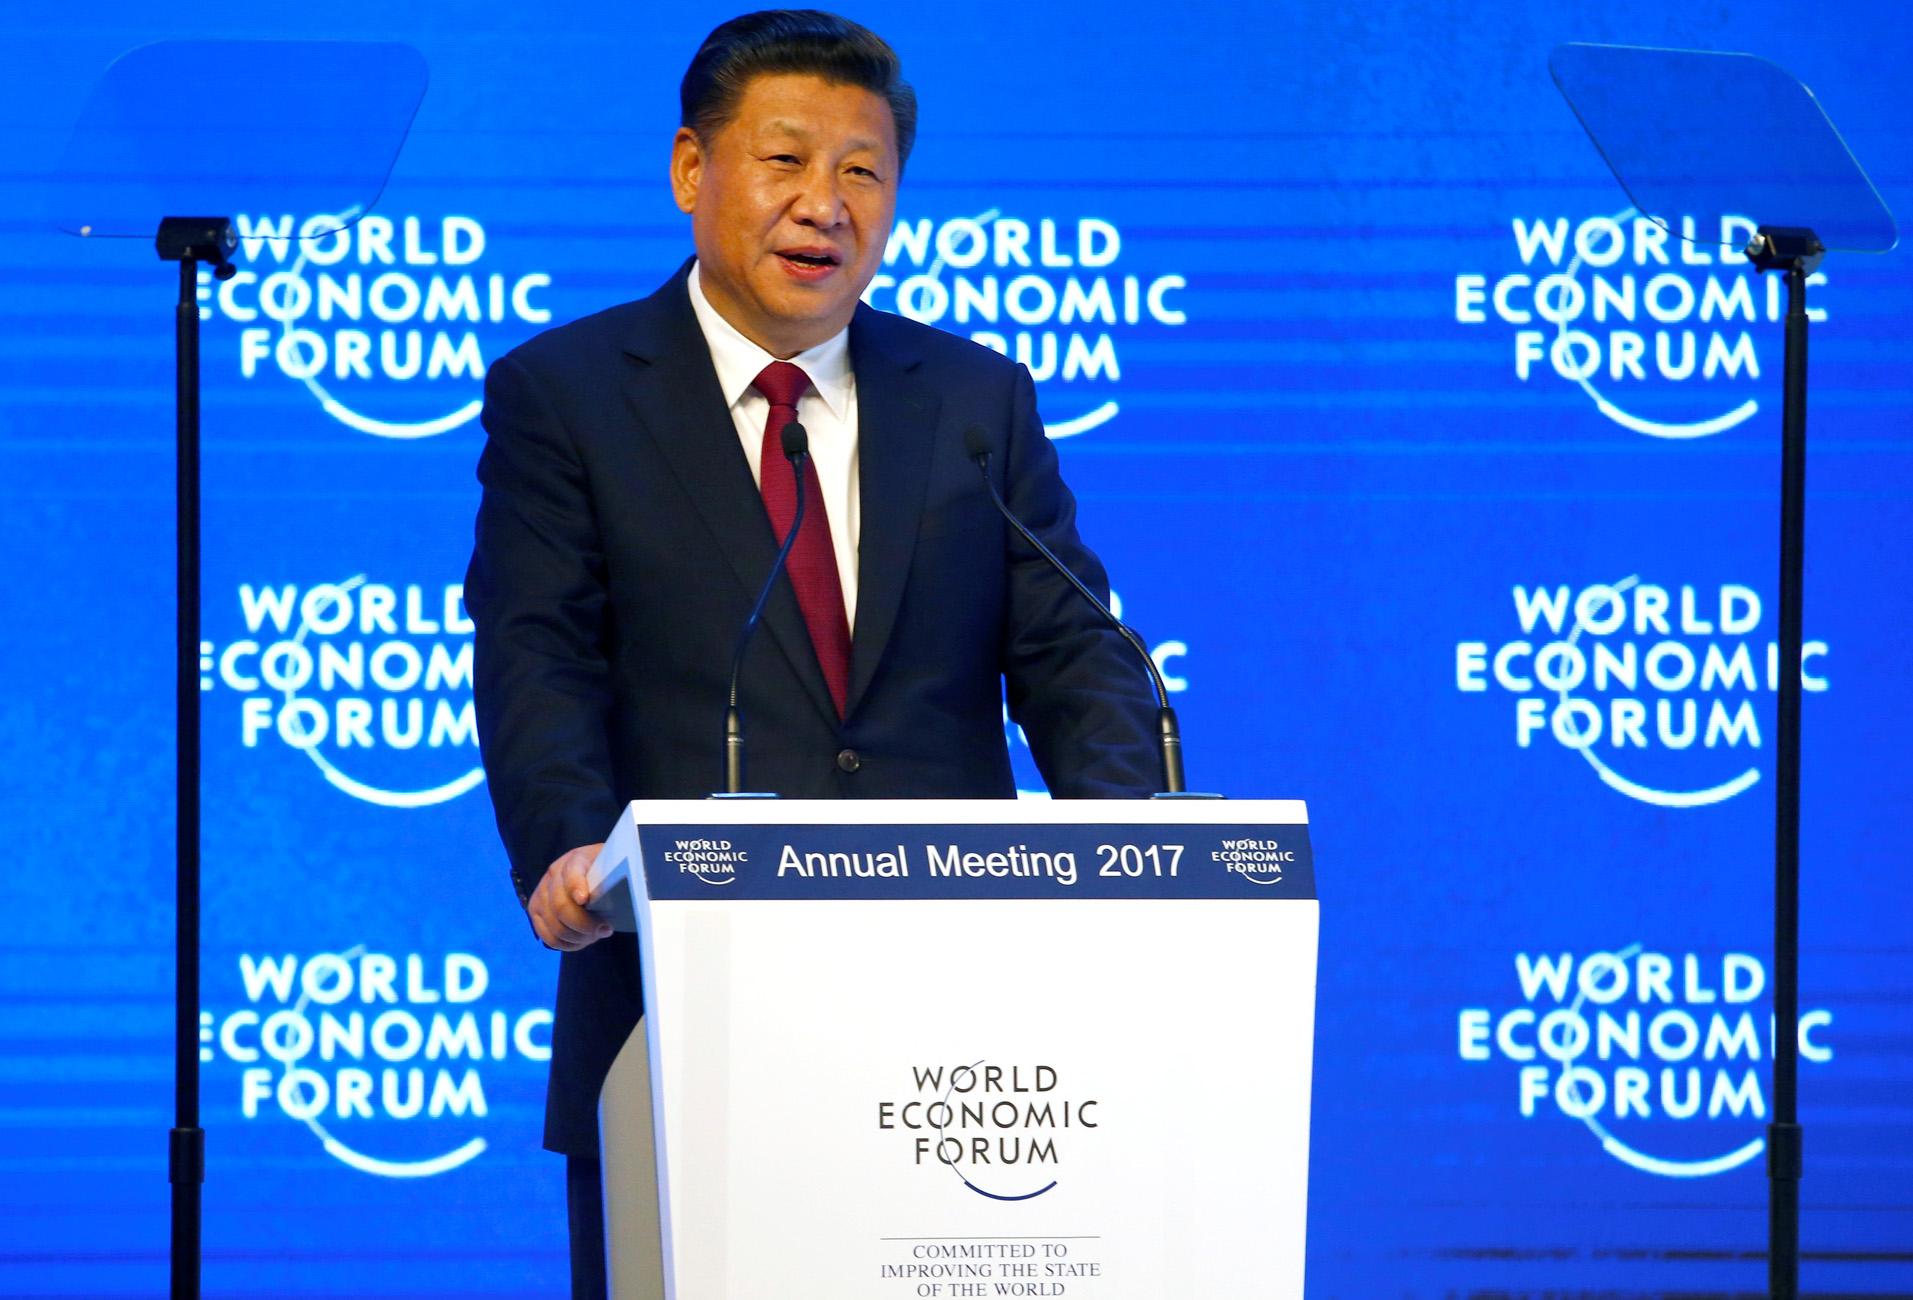 Νταβός: Για «νέα ψυχρό πόλεμο» προειδοποίησε η Κίνα